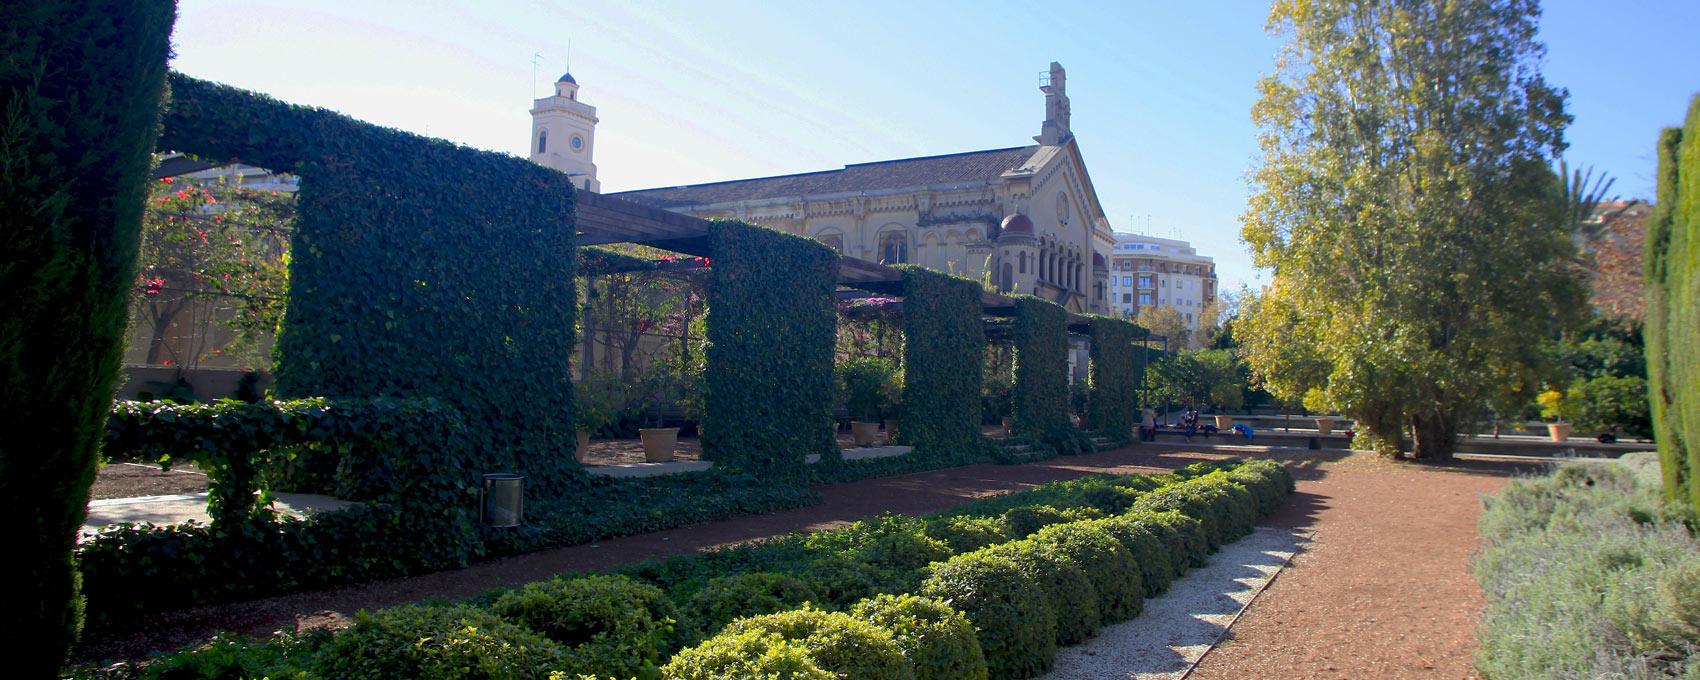 Ubicada en una esquina del jardín ofrece un espacio diferenciado del resto.